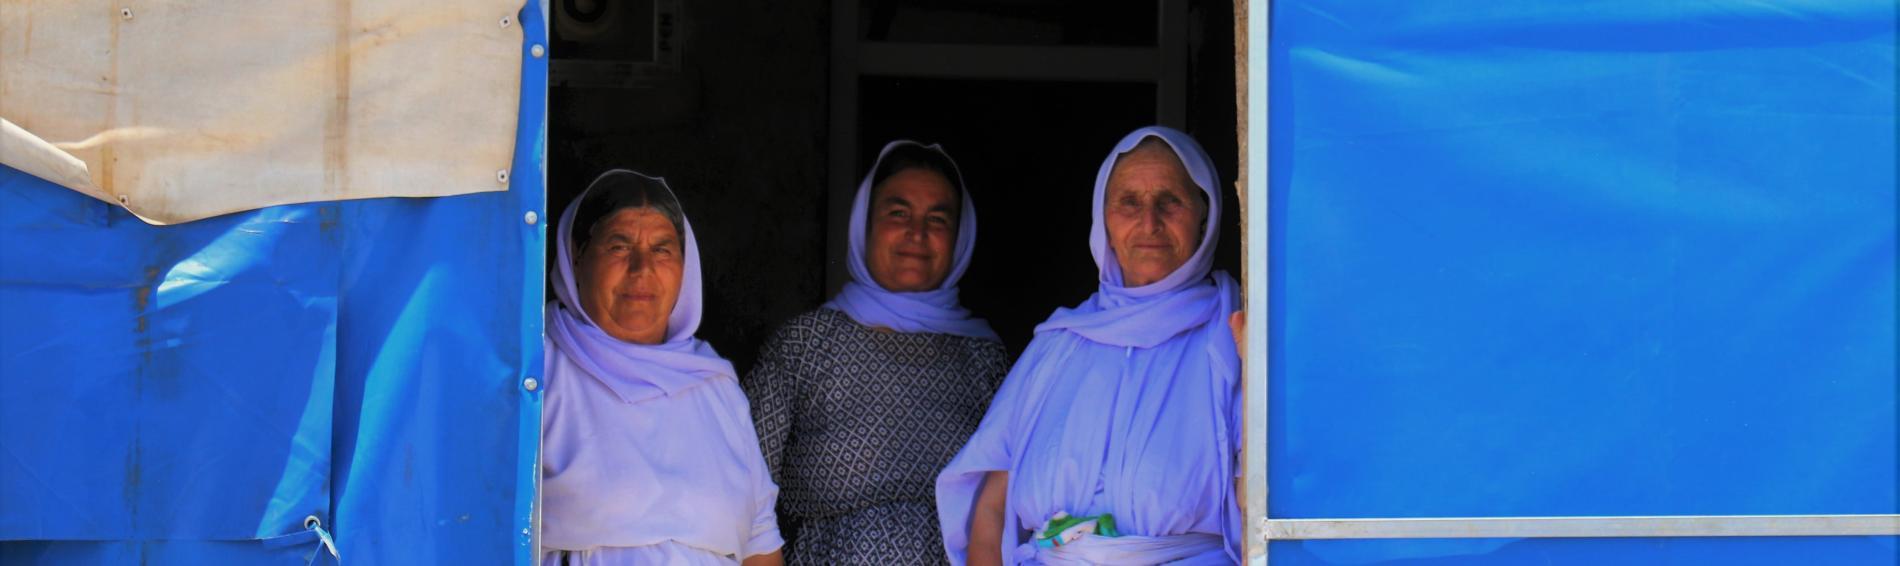 Frauen im Flüchtlingscamp im Irak. Foto: Ärzte der Welt